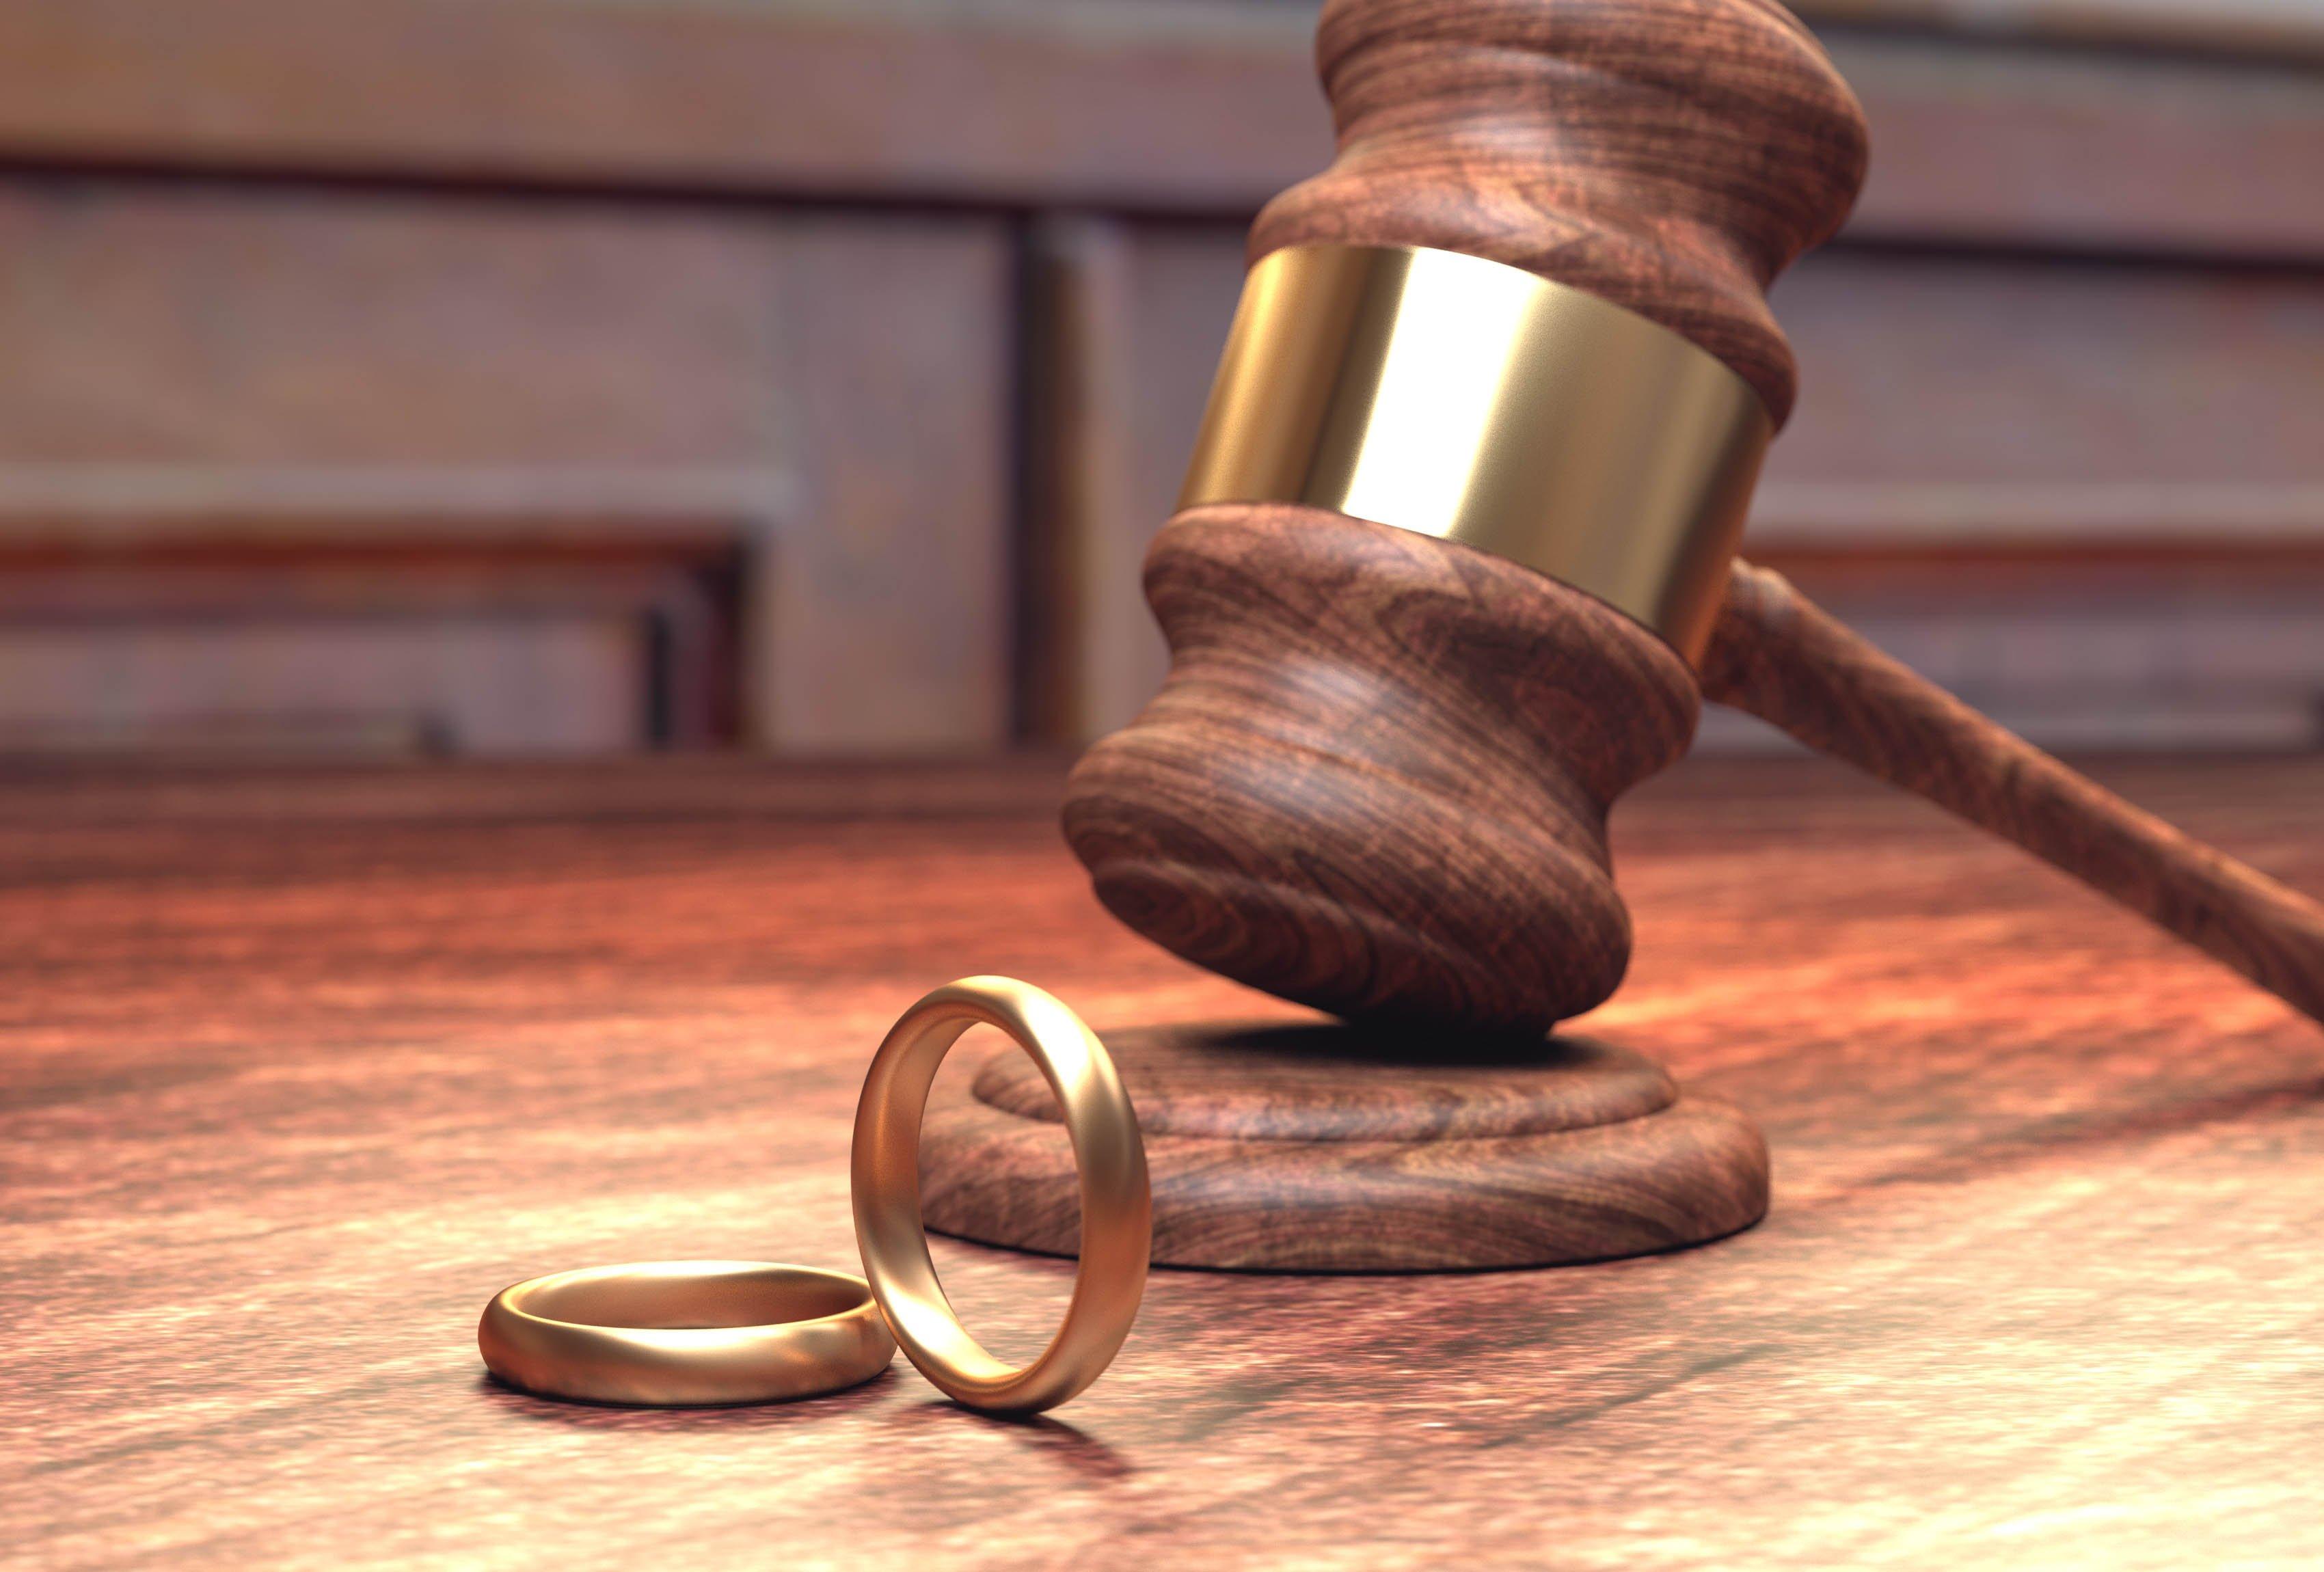 нужен адвокат по семейным спорам